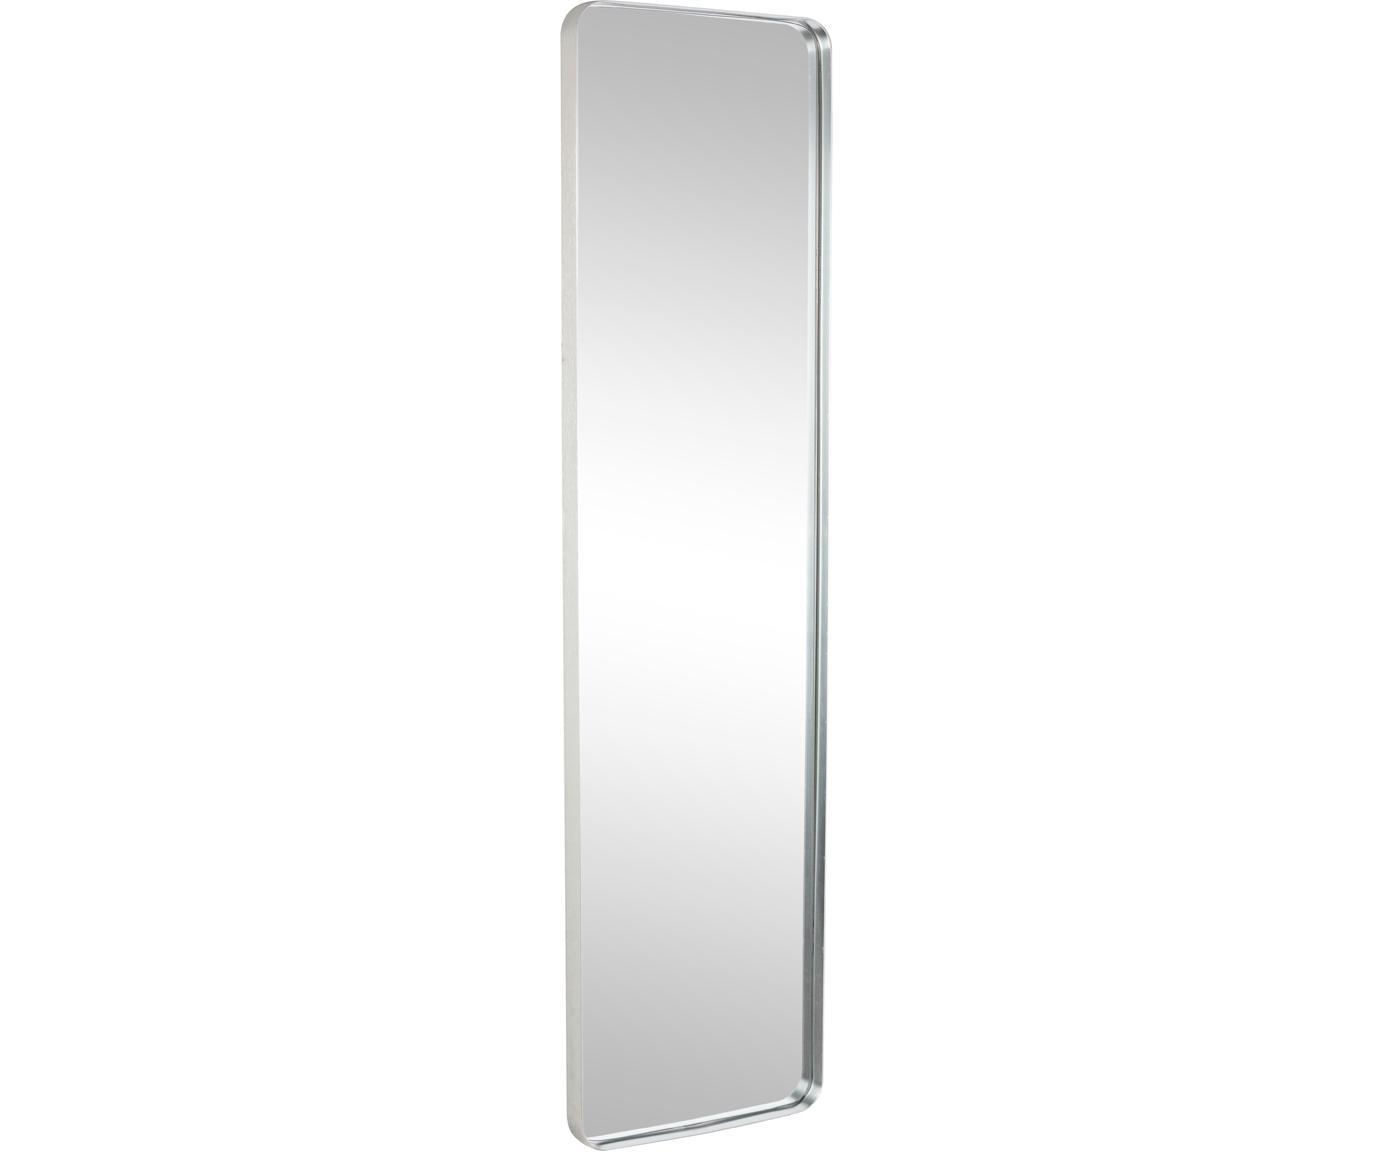 Wandspiegel Sile mit Metallrahmen in Silber, Rahmen: Metall, Spiegelfläche: Spiegelglas, Silberfarben, 31 x 120 cm